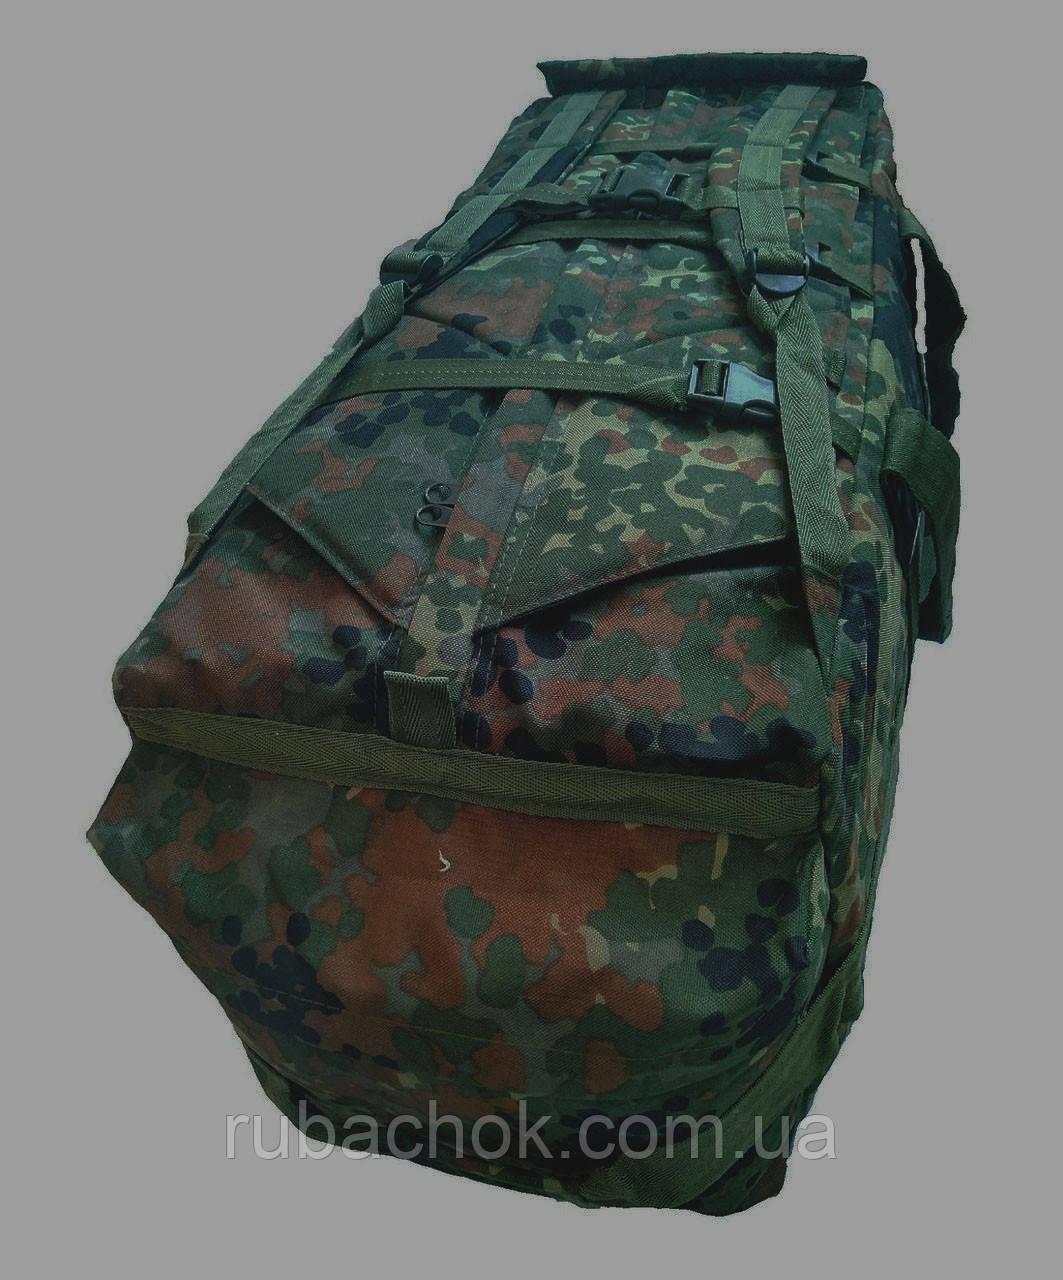 Сумка-рюкзак транспортная Британской армии 67к Flektarn на 80 литров.